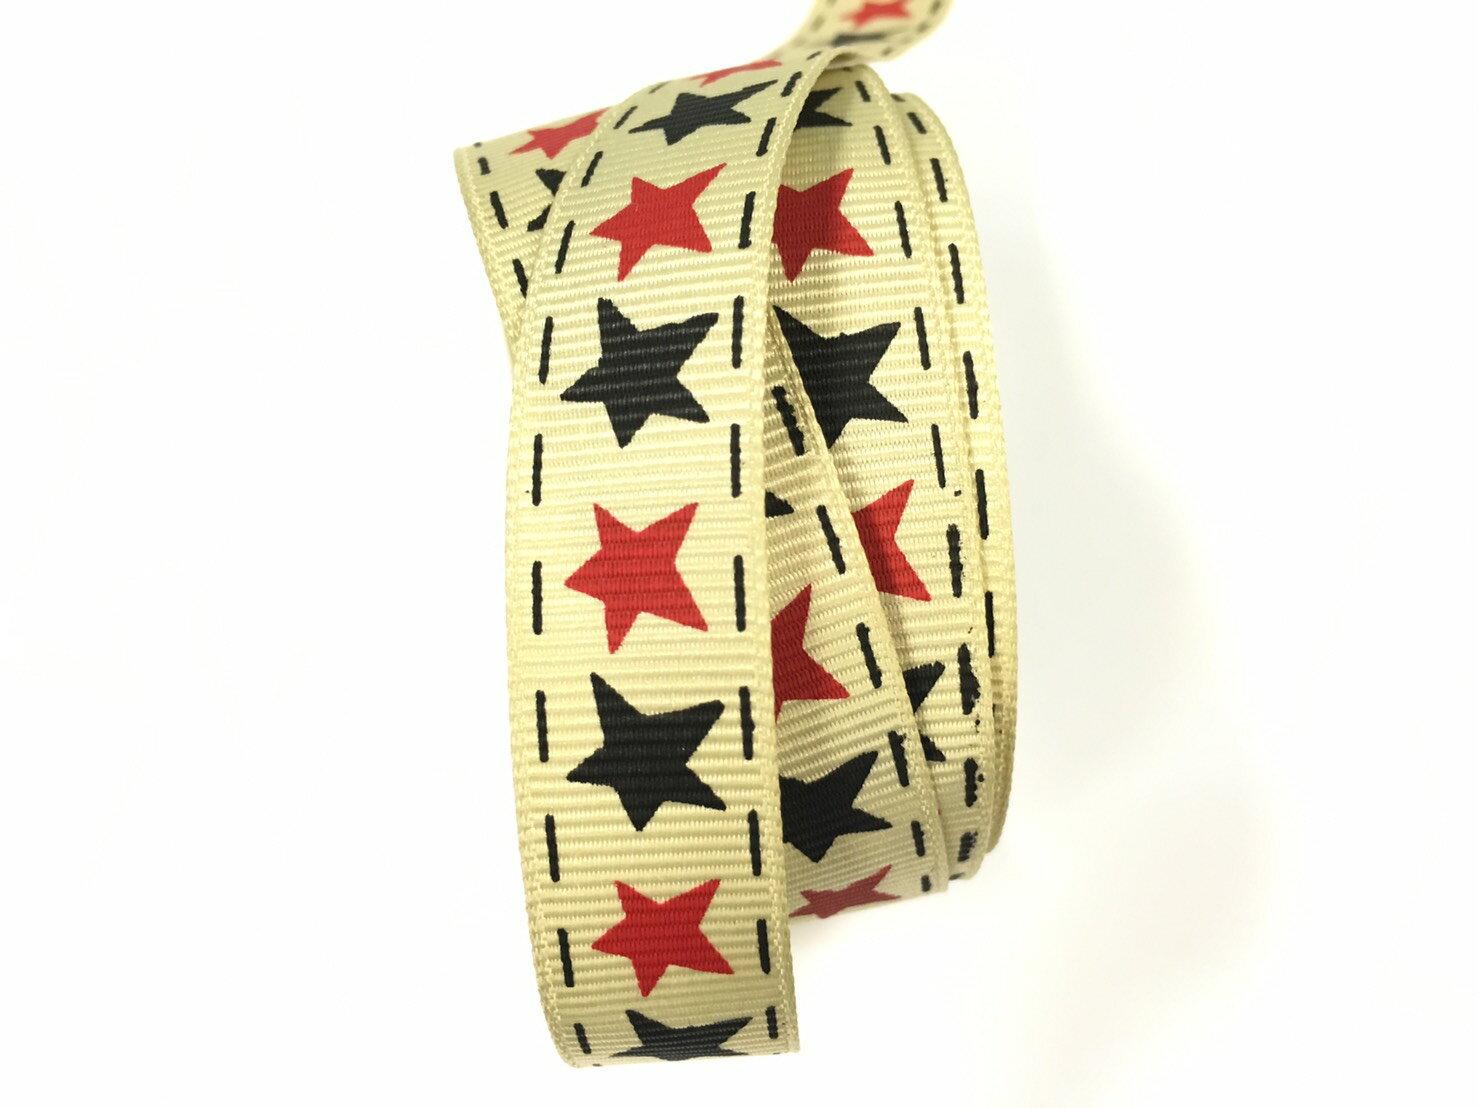 羅紋緞帶-星星 15mm 3碼裝 - 限時優惠好康折扣